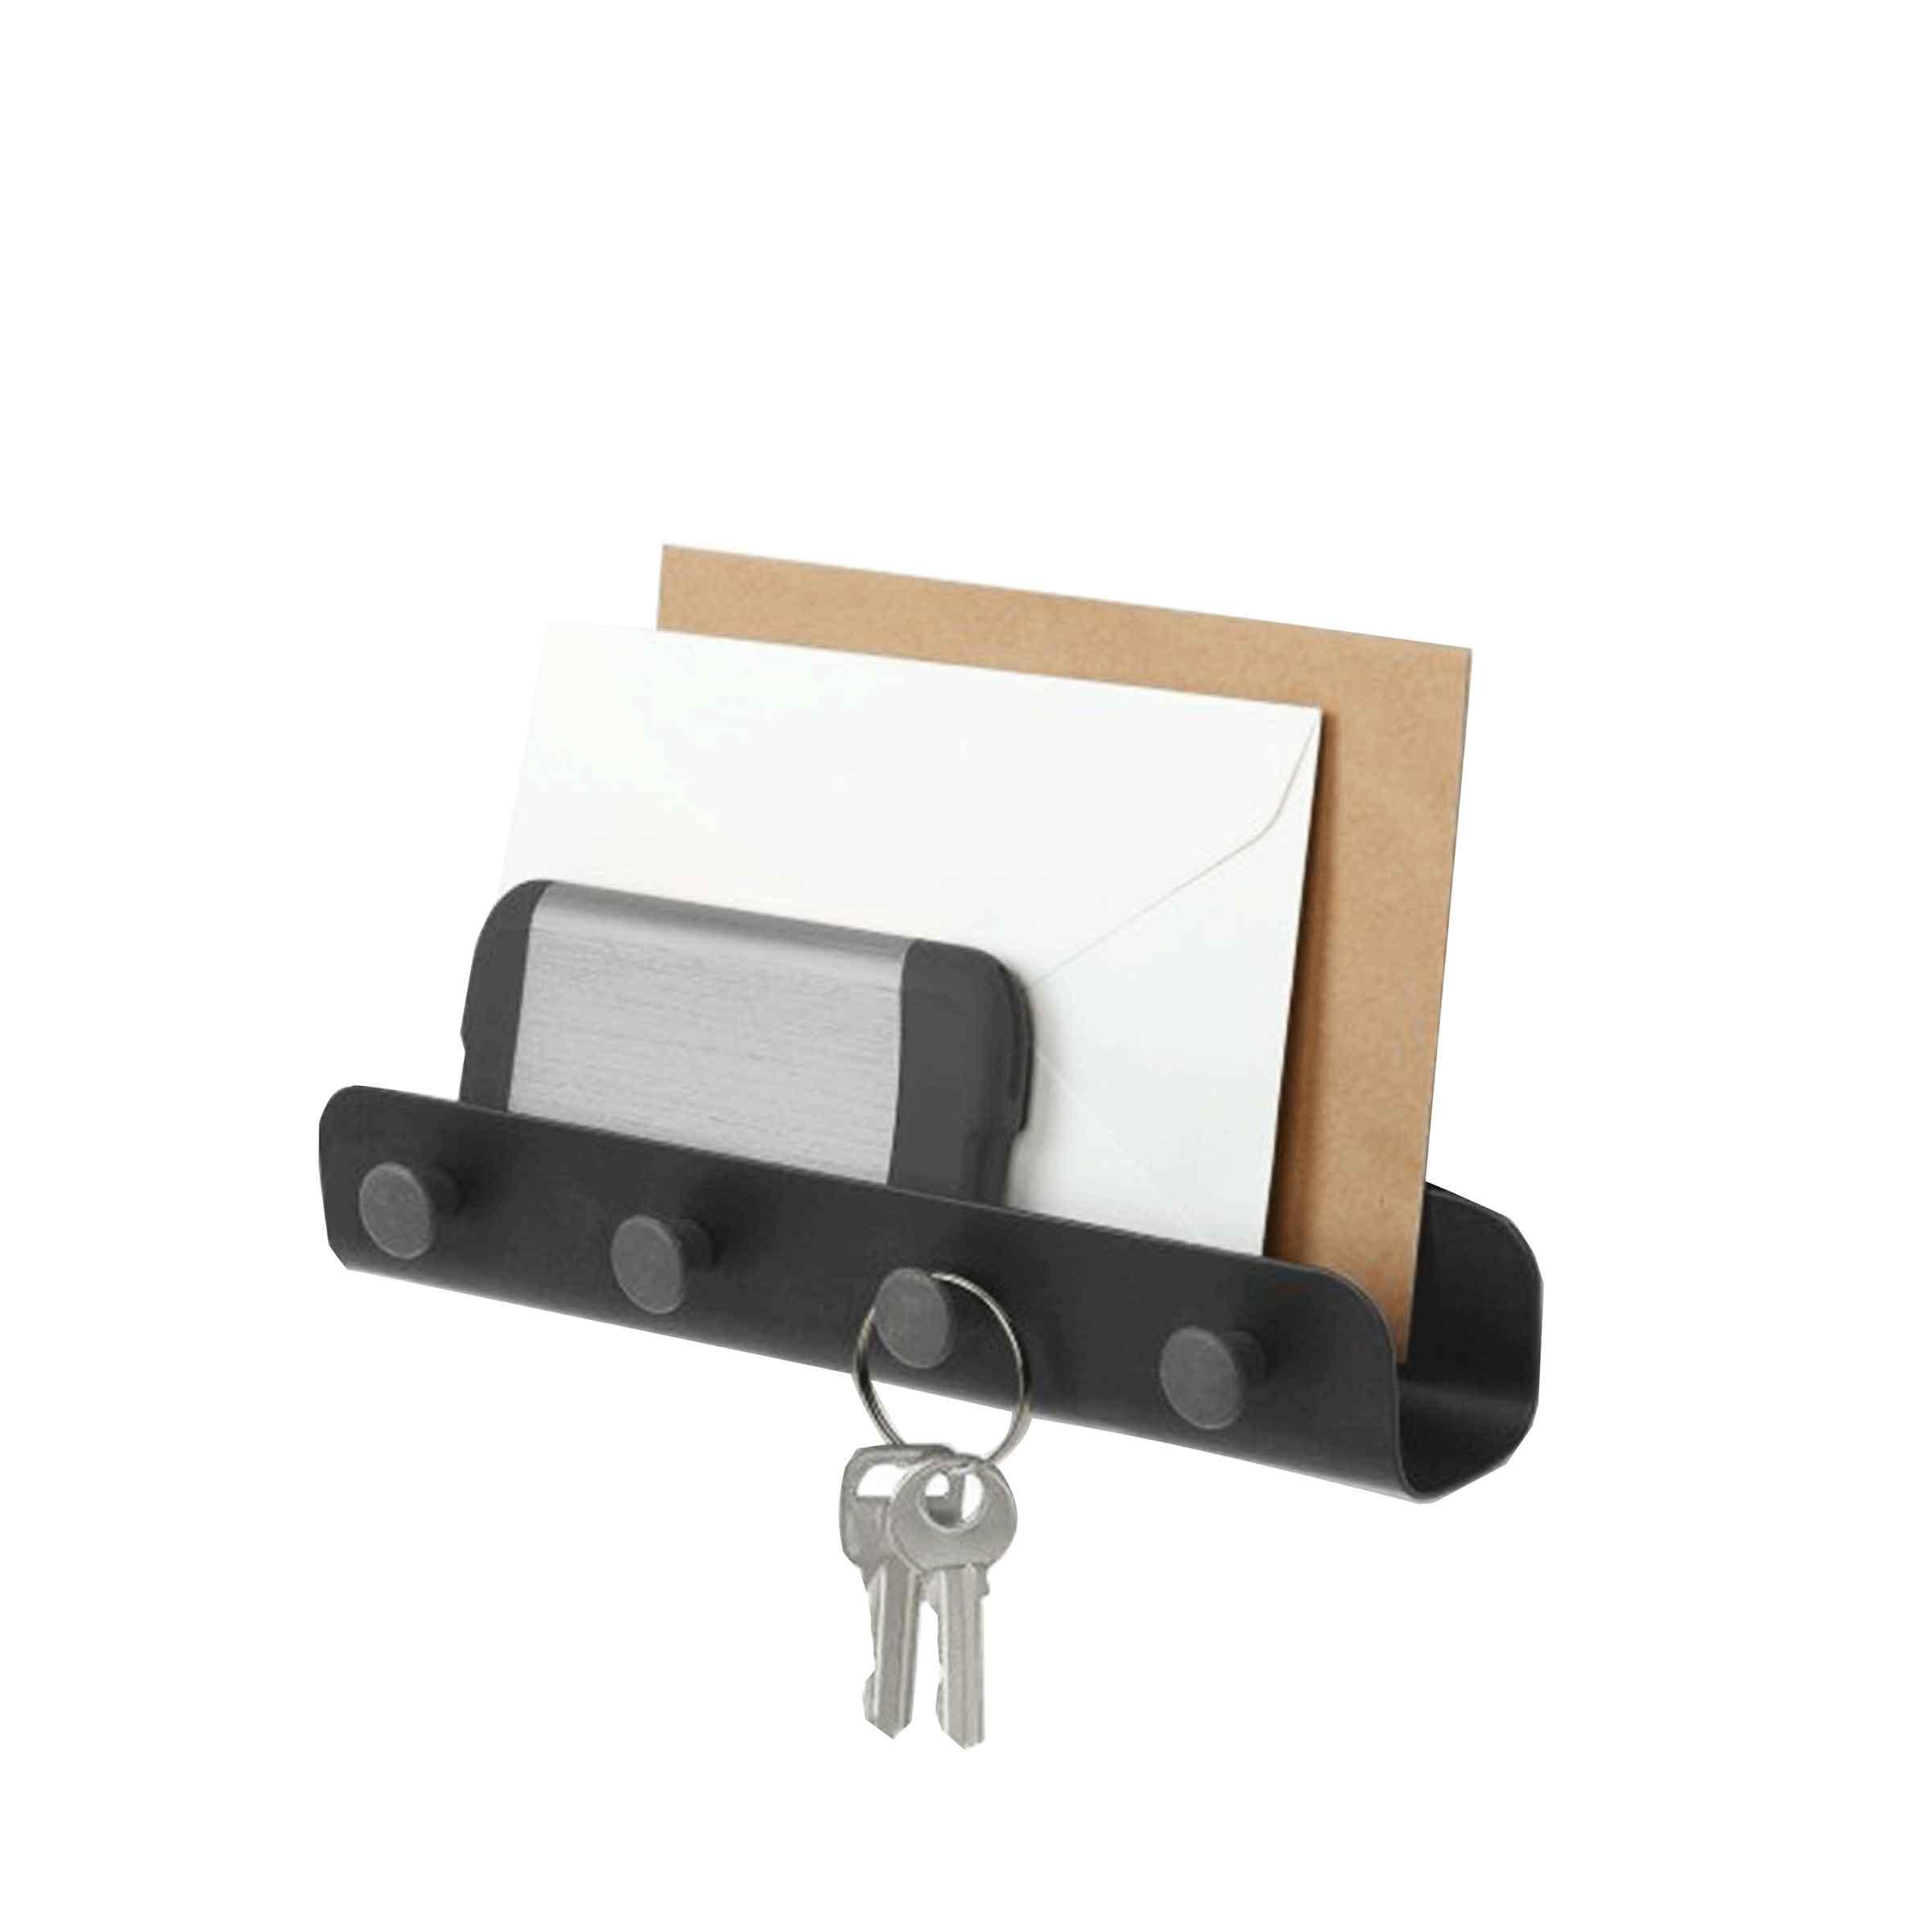 Vide poche mural métallique noir avec crochets pour suspendre les clés